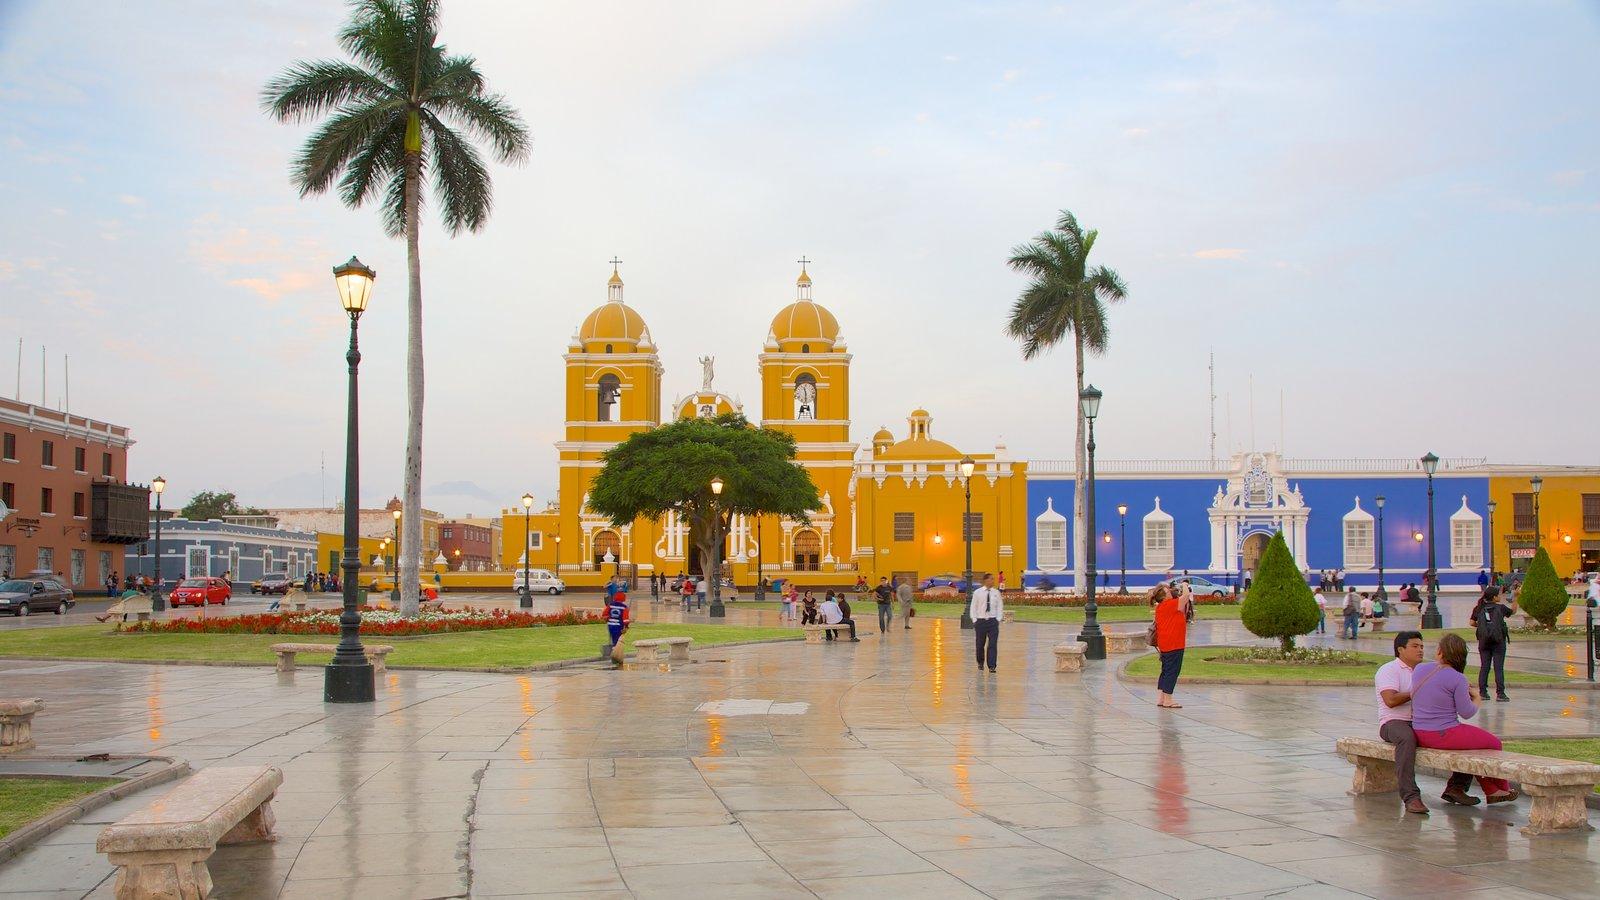 Catedral de Trujillo que inclui uma igreja ou catedral e uma praça ou plaza assim como um pequeno grupo de pessoas